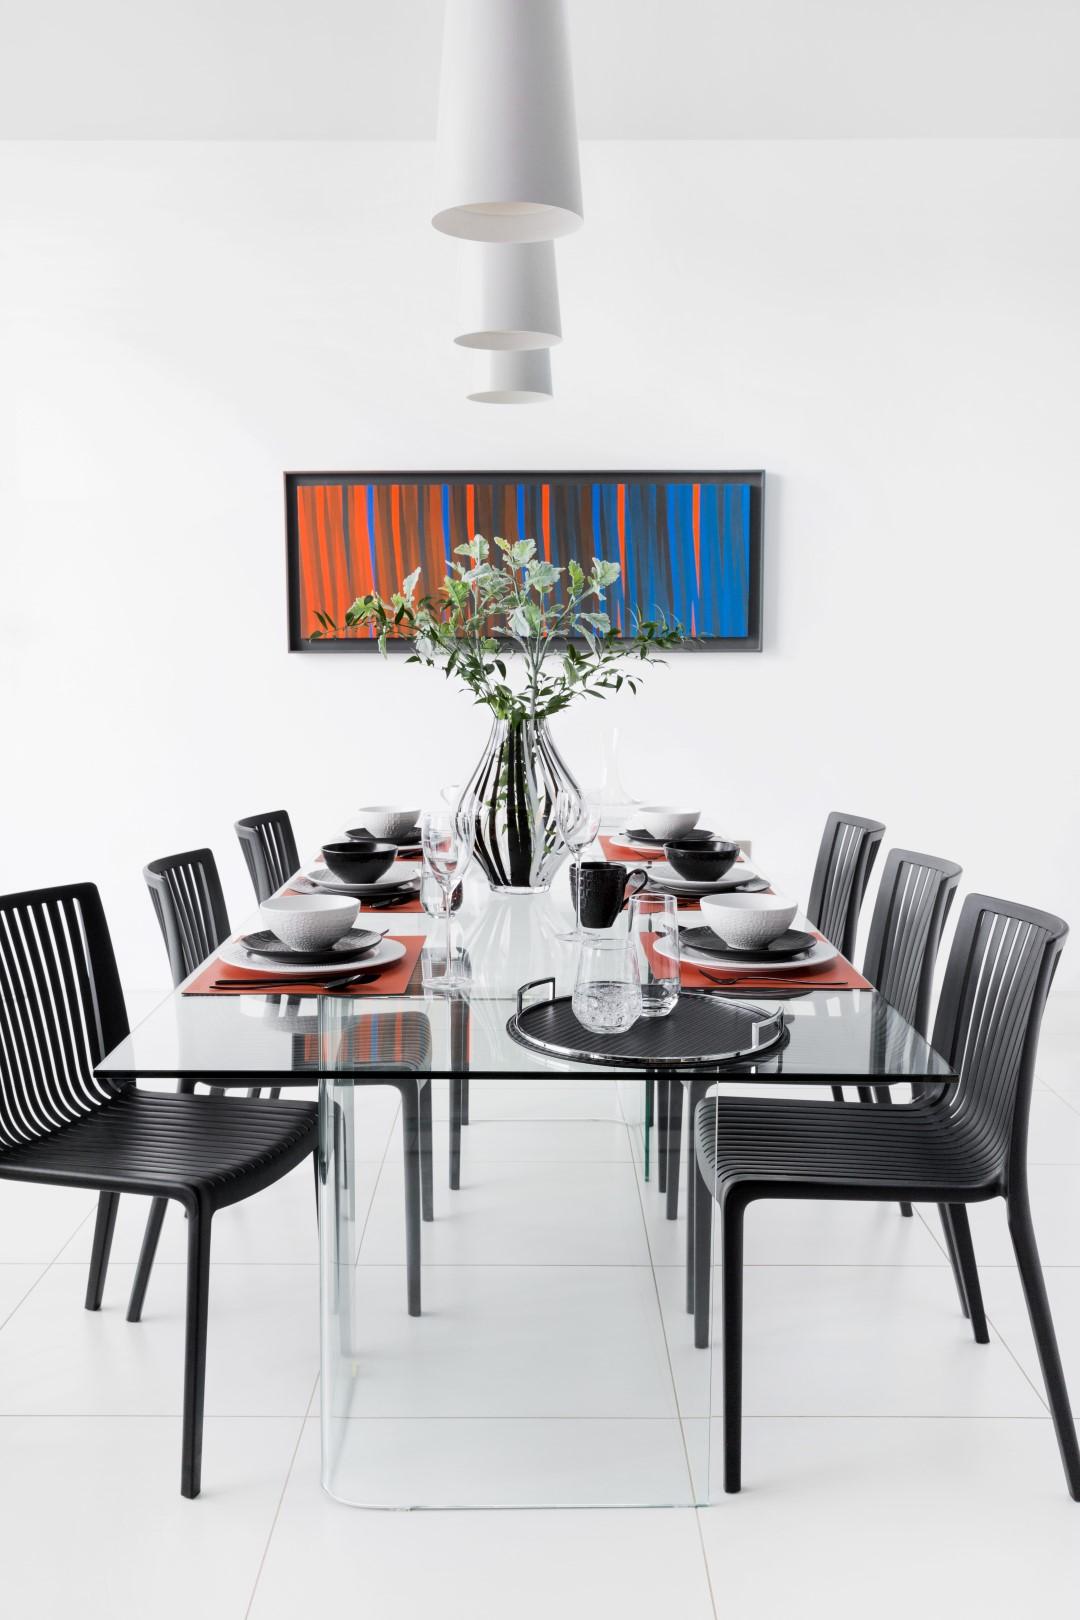 Phong cách thiết kế nội thất Đương đại - ảnh 3